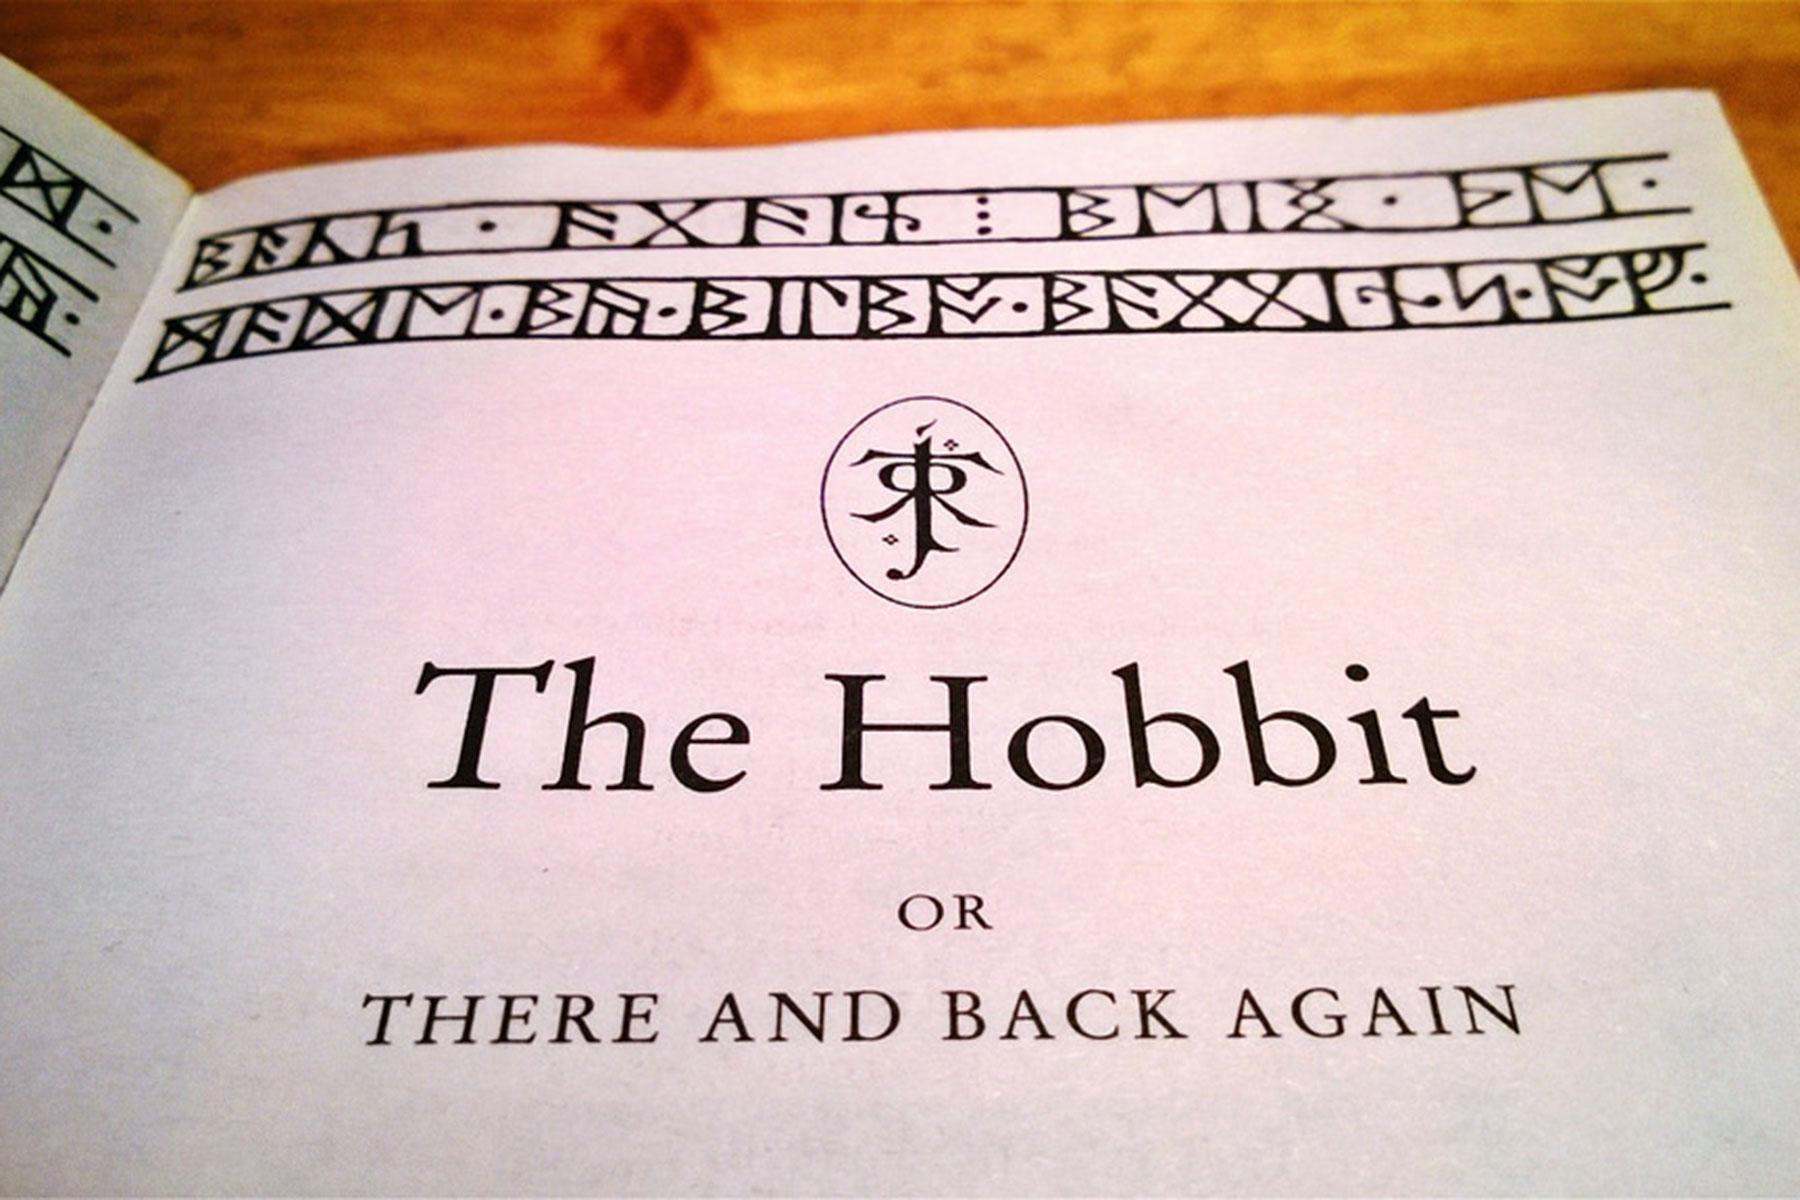 hobbit_book_01